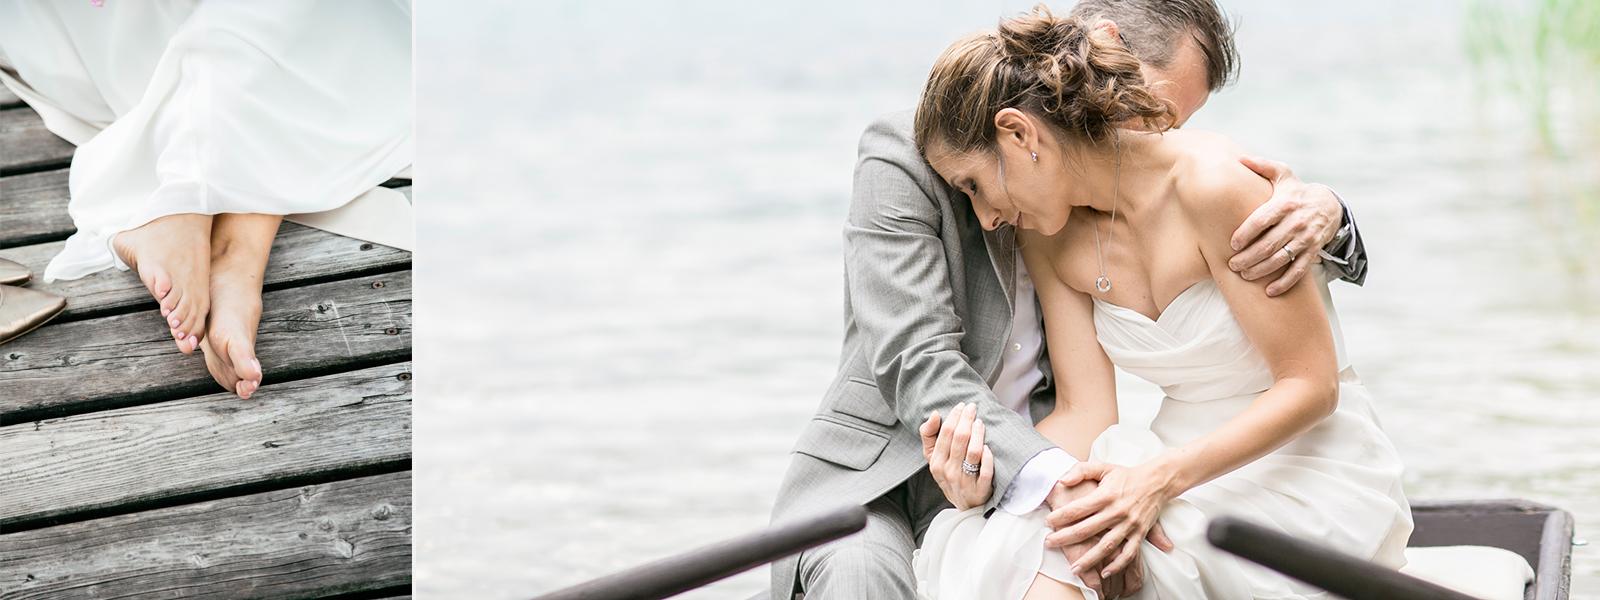 Verlobung am wolfgangsee online dating